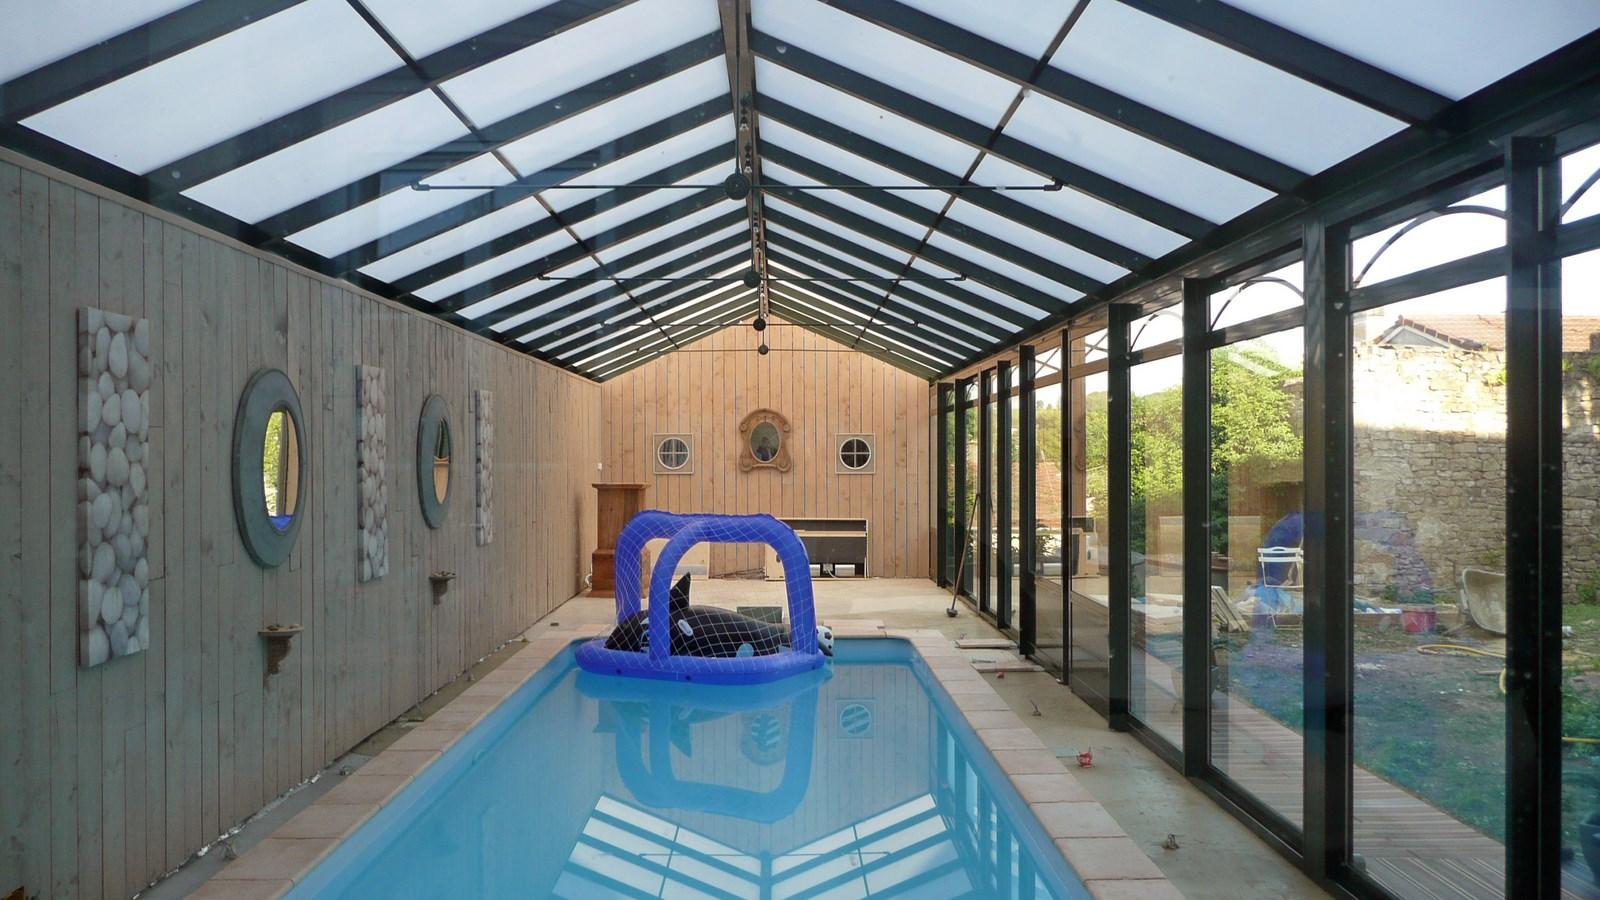 V randa piscine ma v randa - Veranda piscine tarif ...